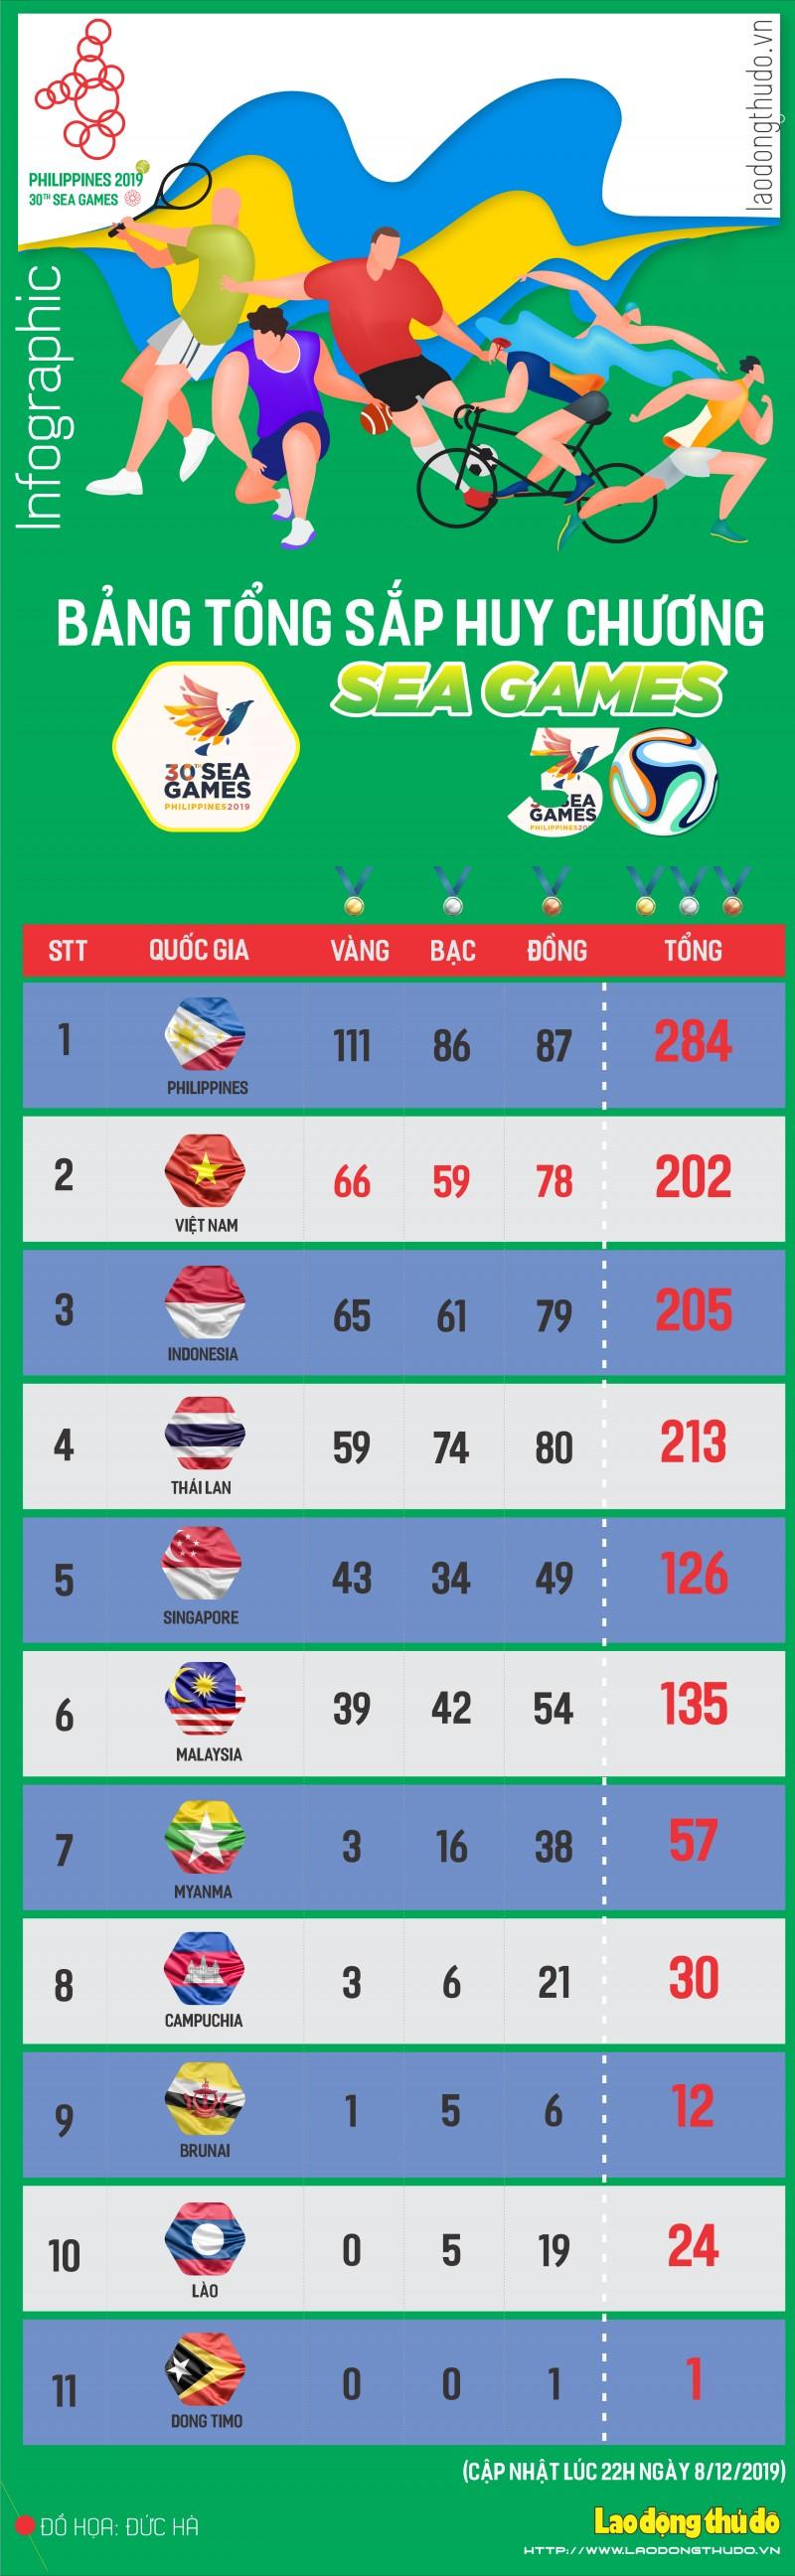 infographics bang xep hang sea games 30 ngay vang cua the thao viet nam